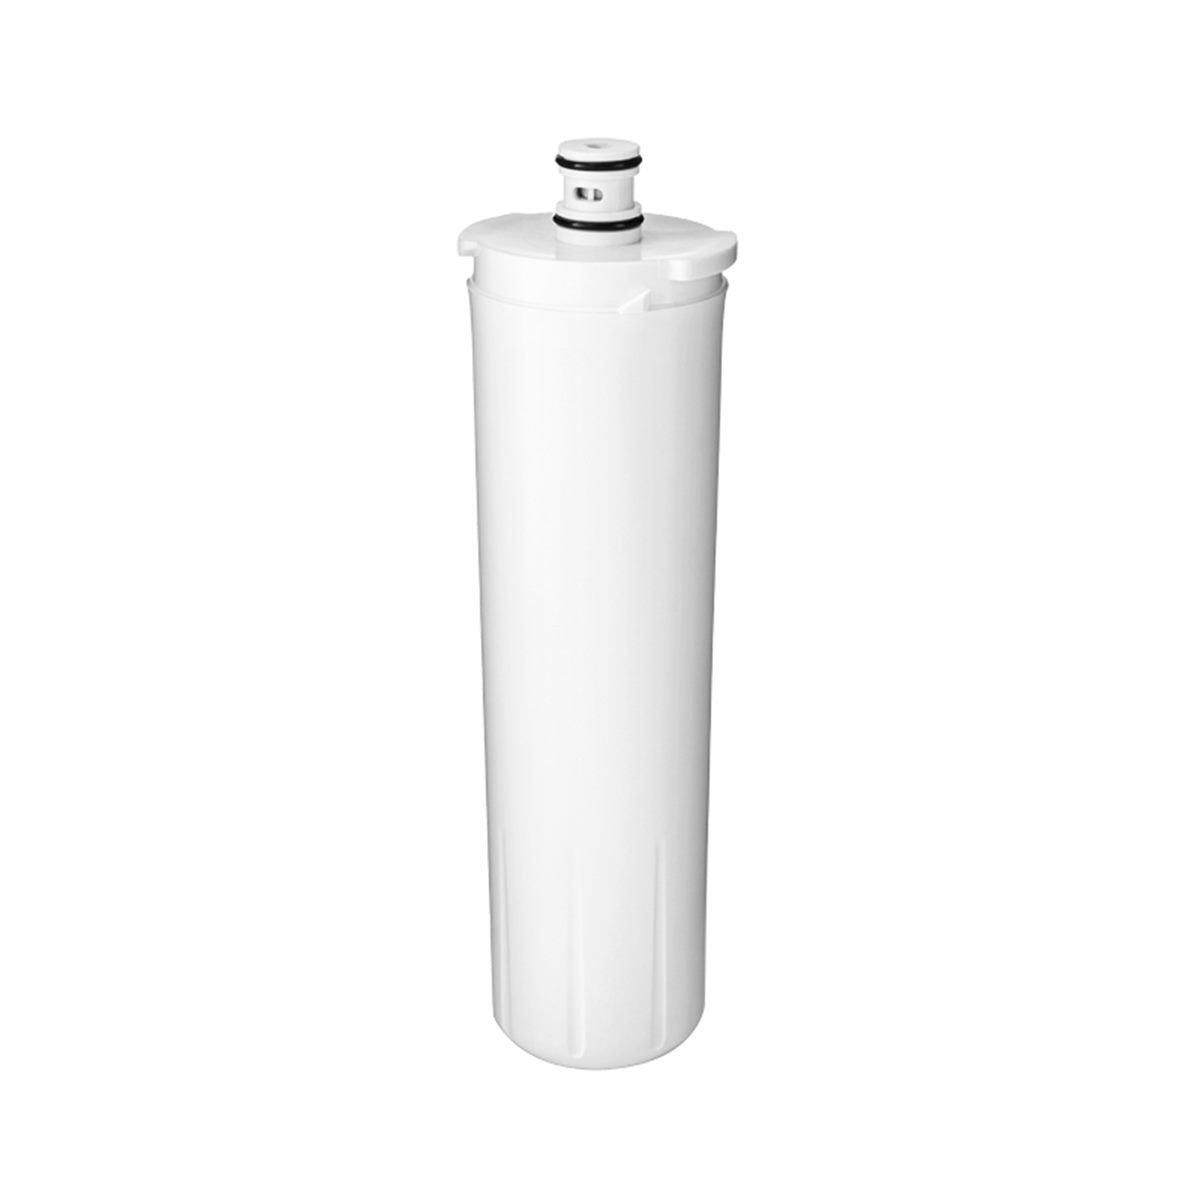 refil purificador de agua vitalis docol 00832200